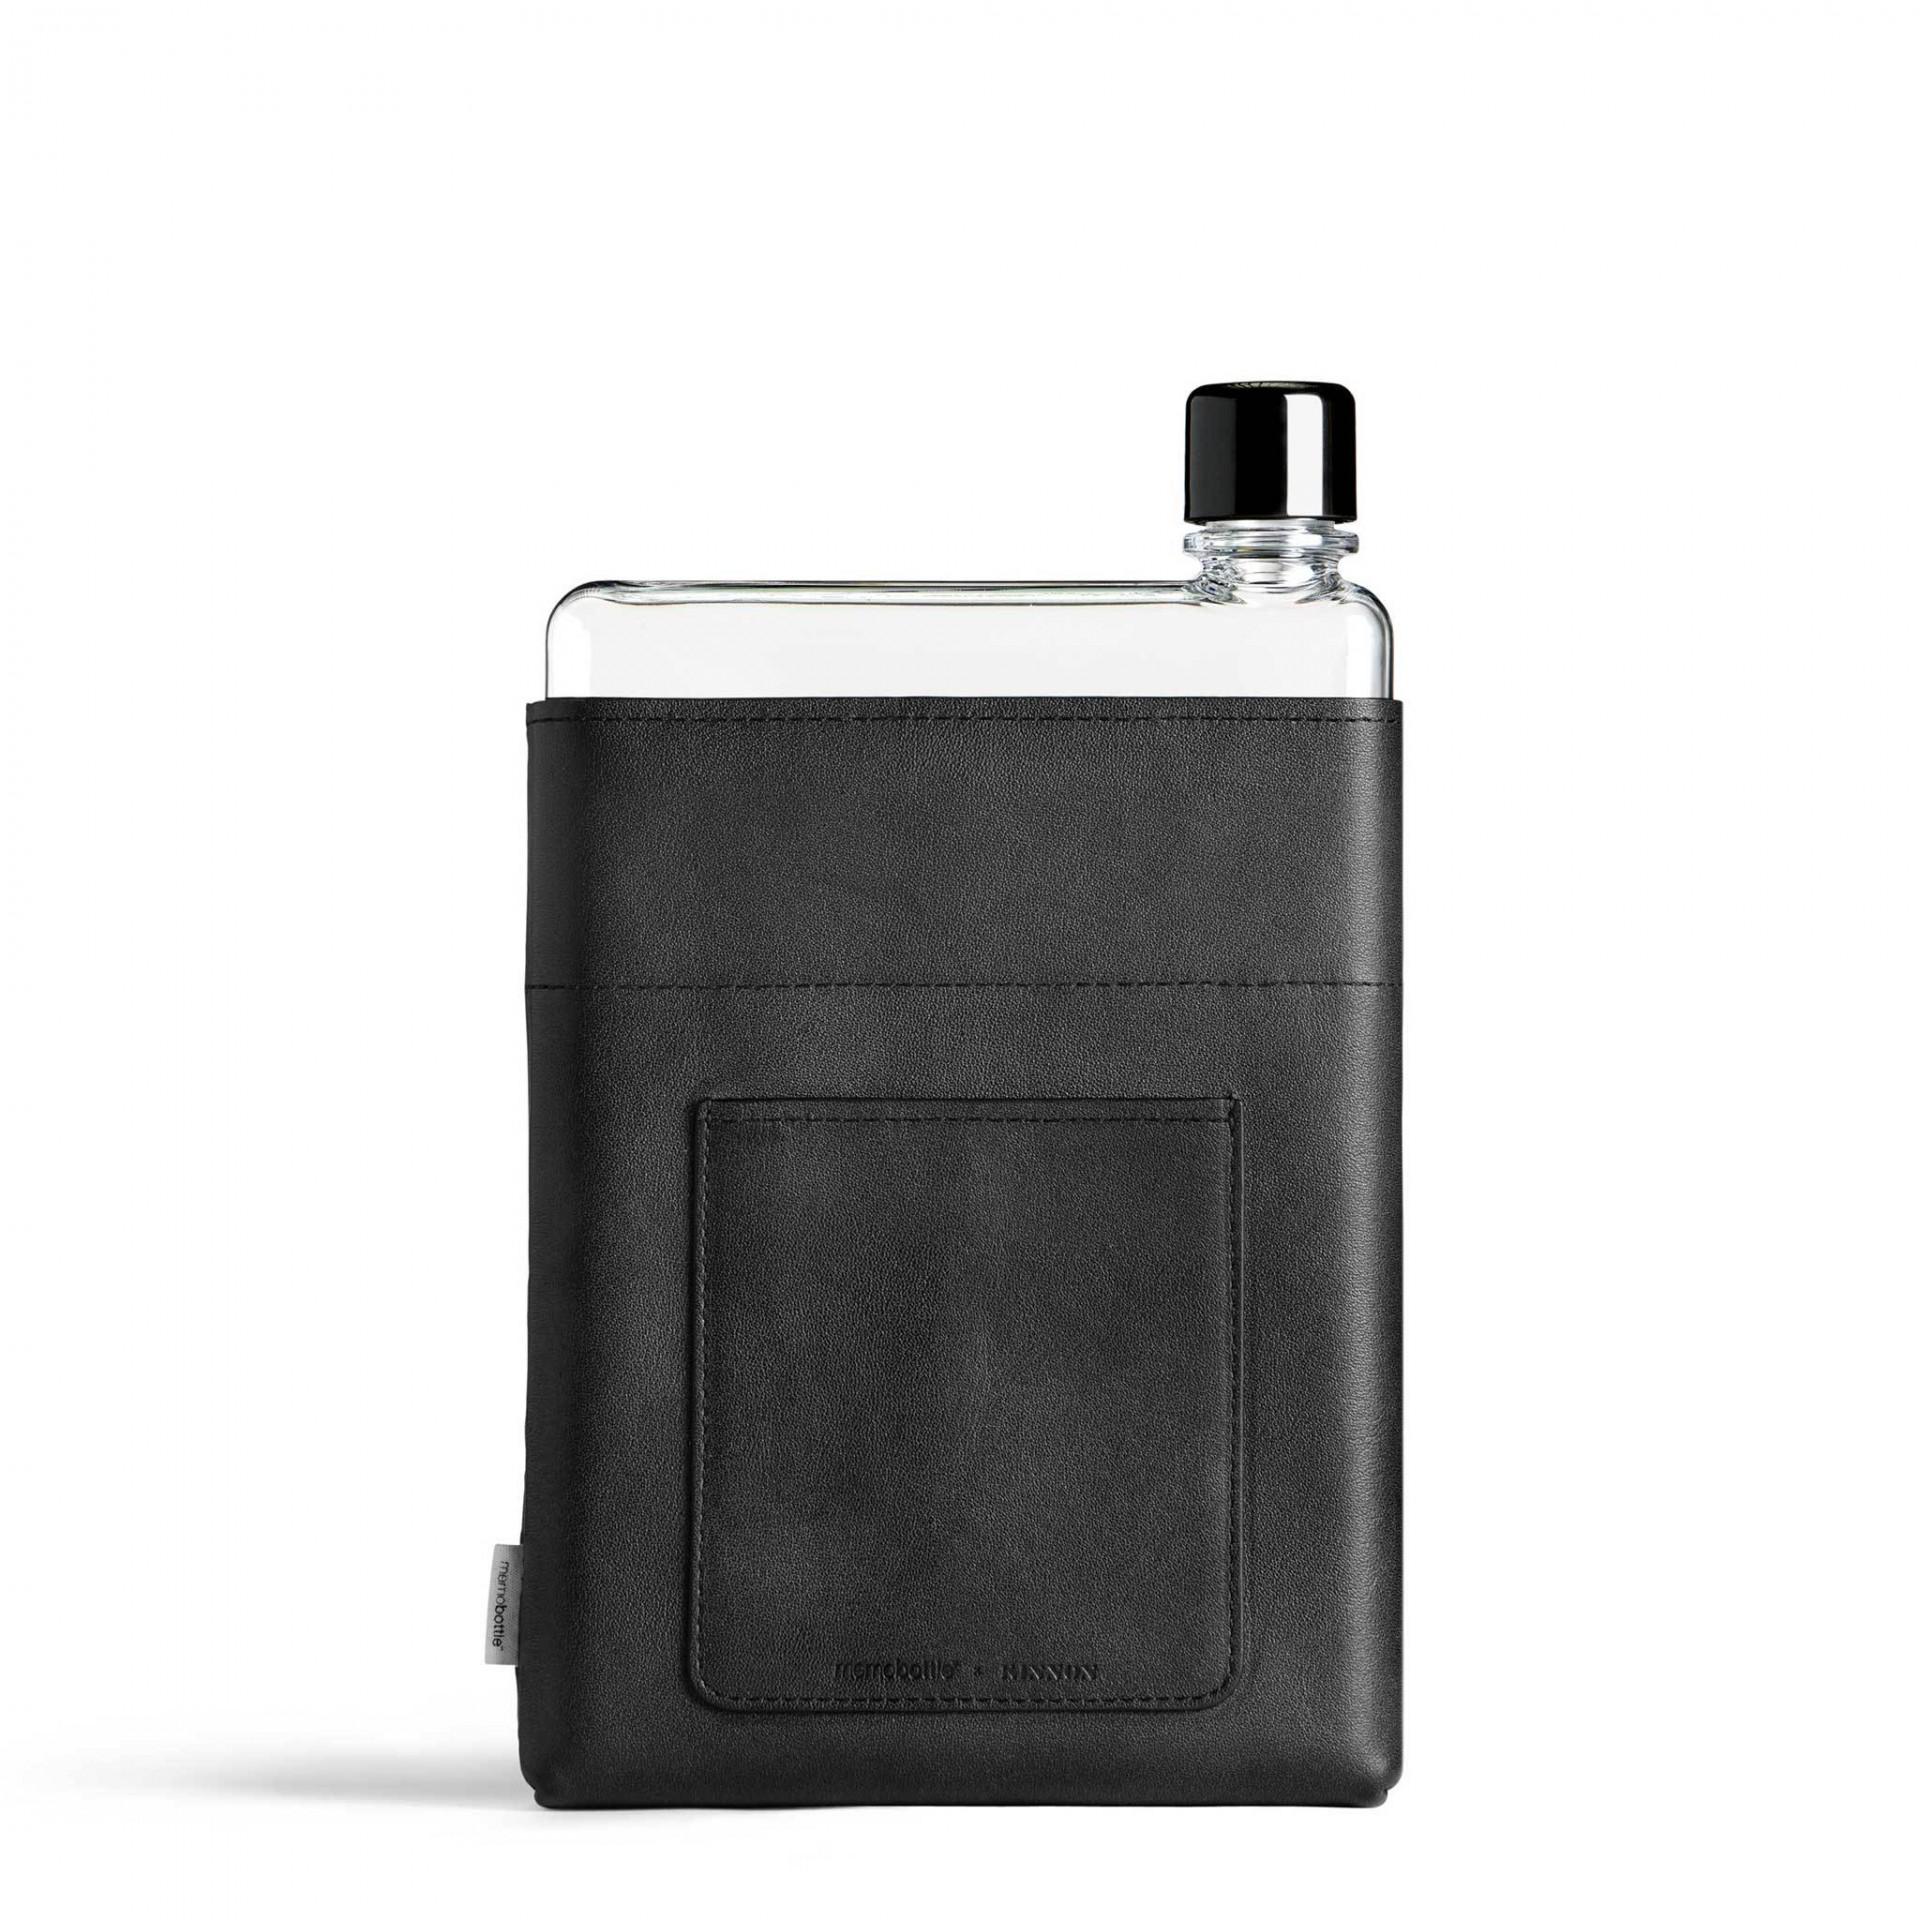 A5 Black Leather Sleeve memobottle